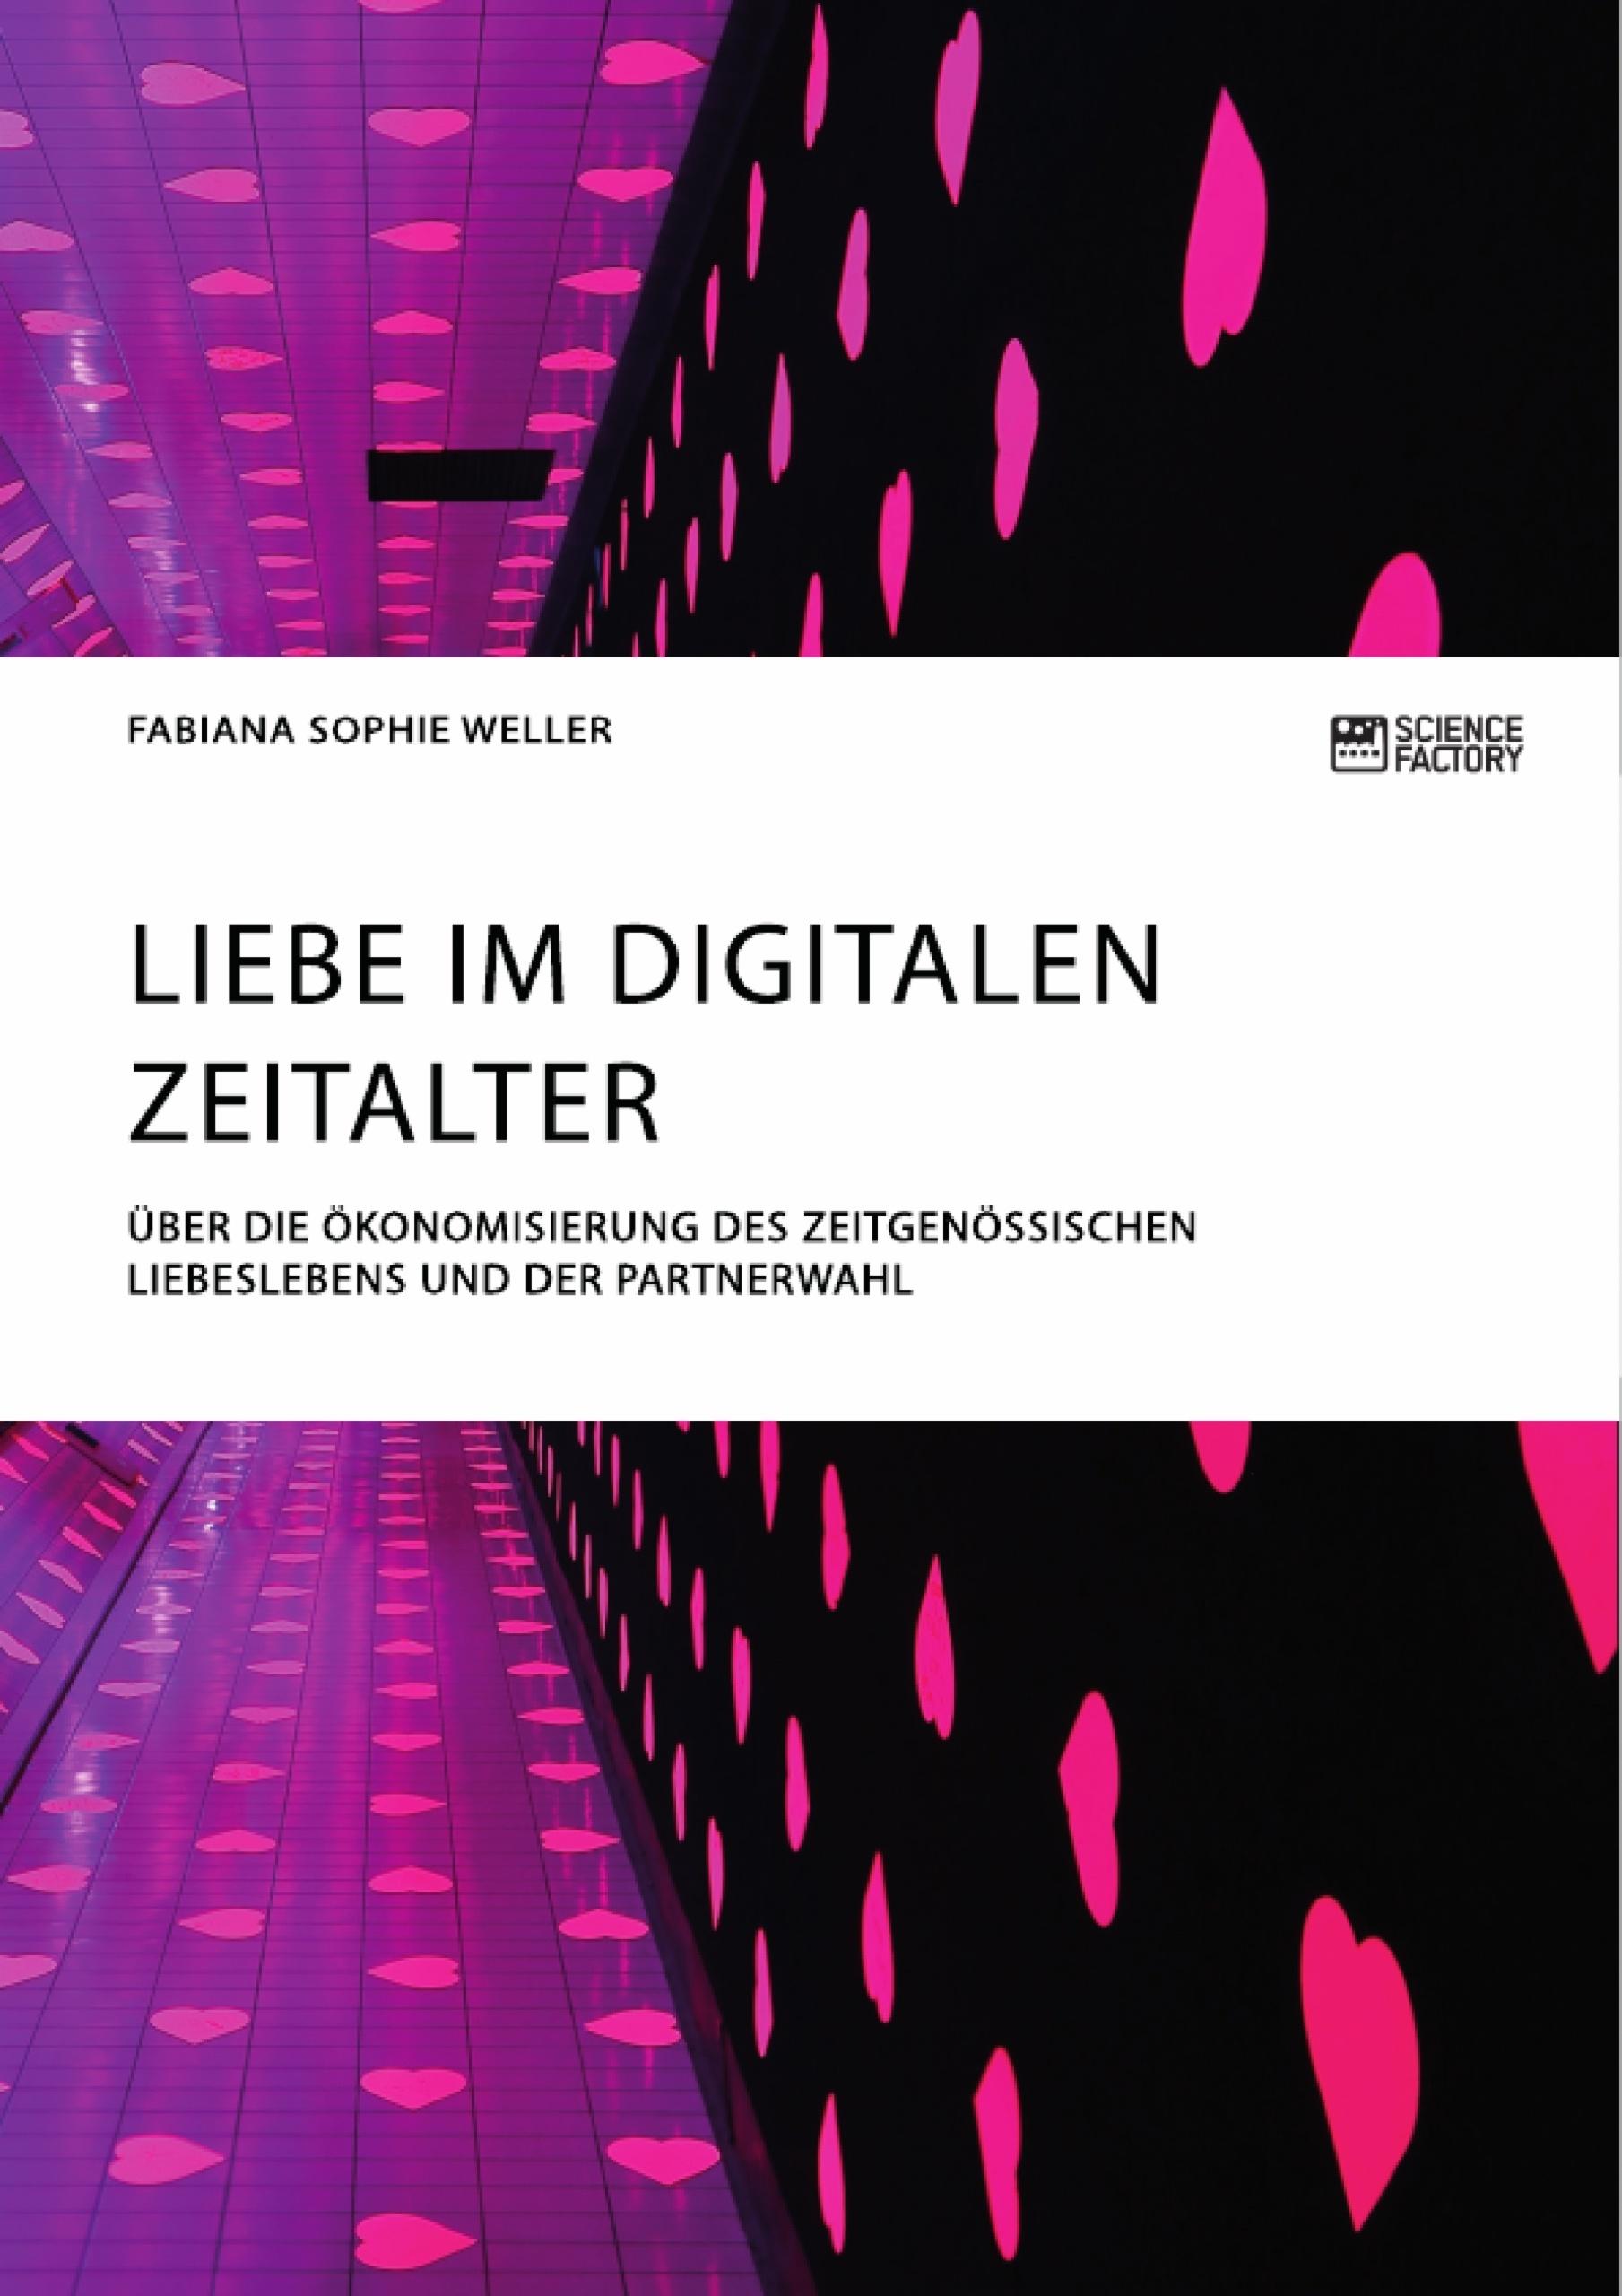 Titel: Liebe im digitalen Zeitalter. Über die Ökonomisierung des zeitgenössischen Liebeslebens und der Partnerwahl